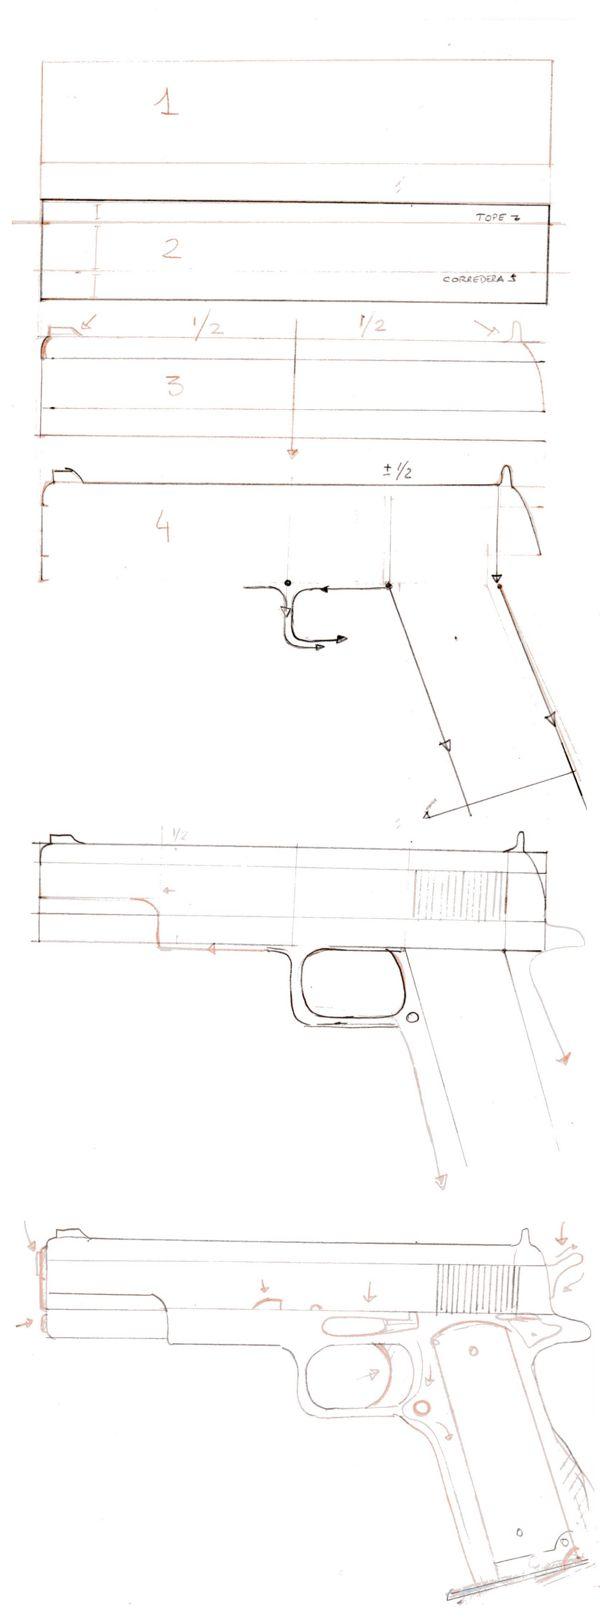 trabajo-practico-04-historieta-policial-armas-pistola-paso-a-paso-flip